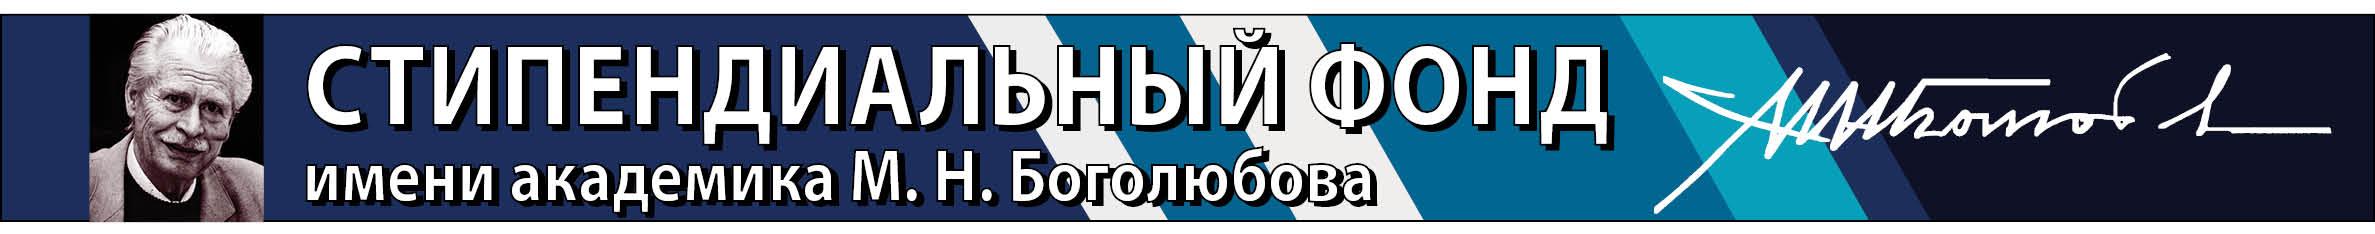 Стипендиальный фонд  имени академика М. Н. Боголюбова